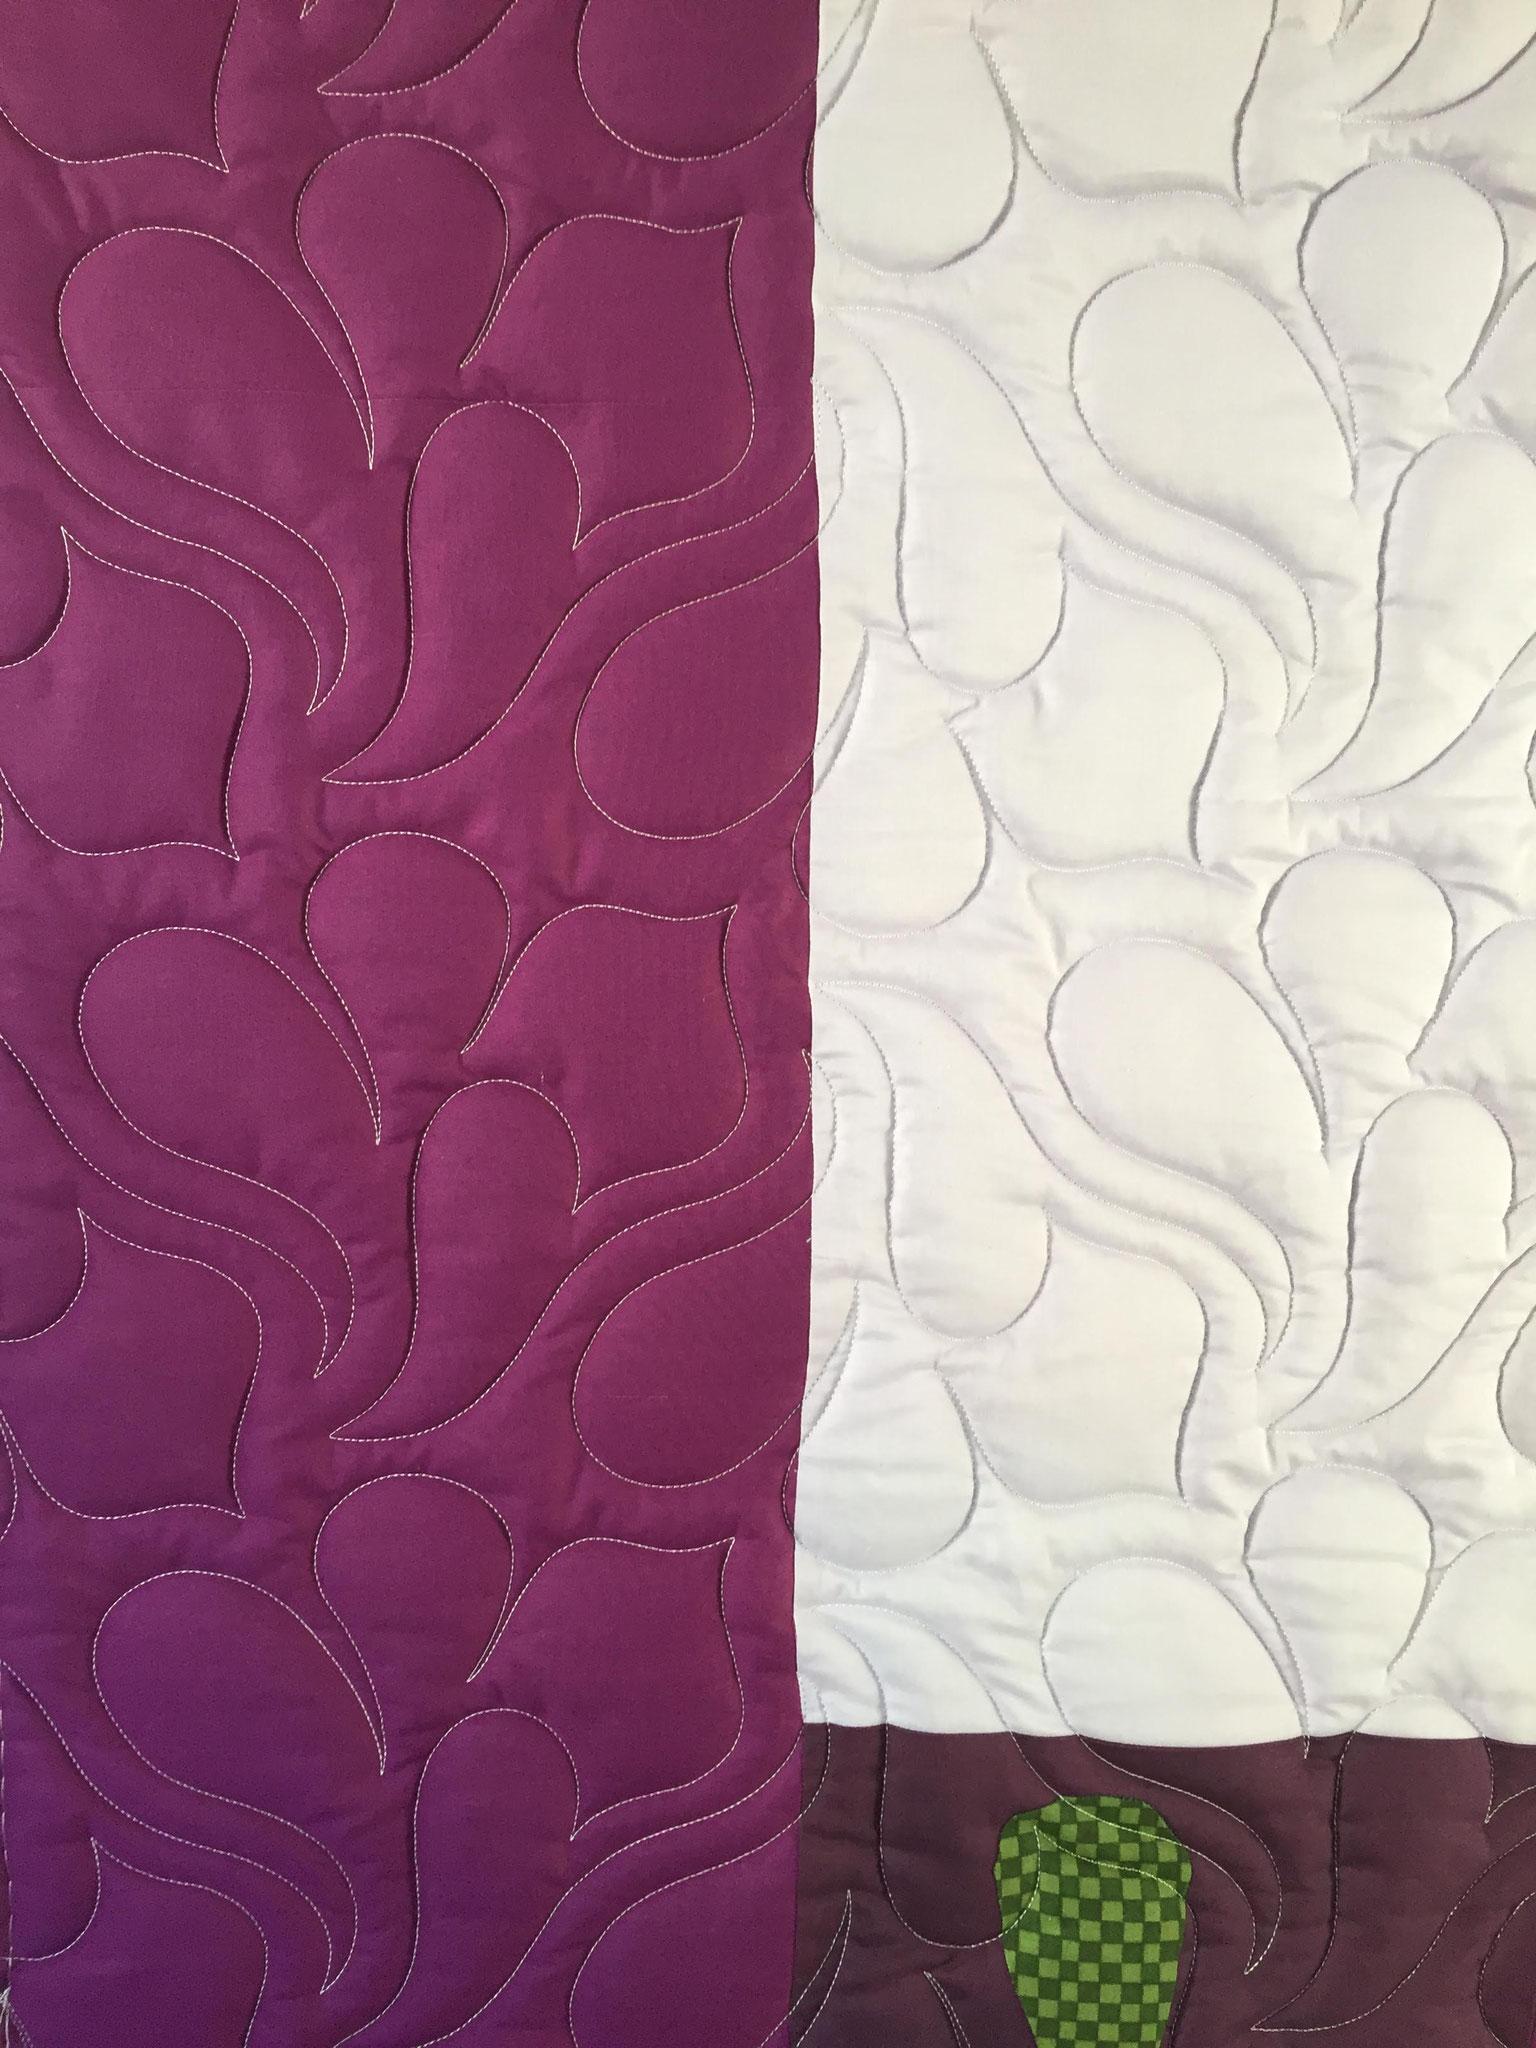 Une belle texture se dessine car le molleton est bien épais - atelier www.lequiltemoi.com